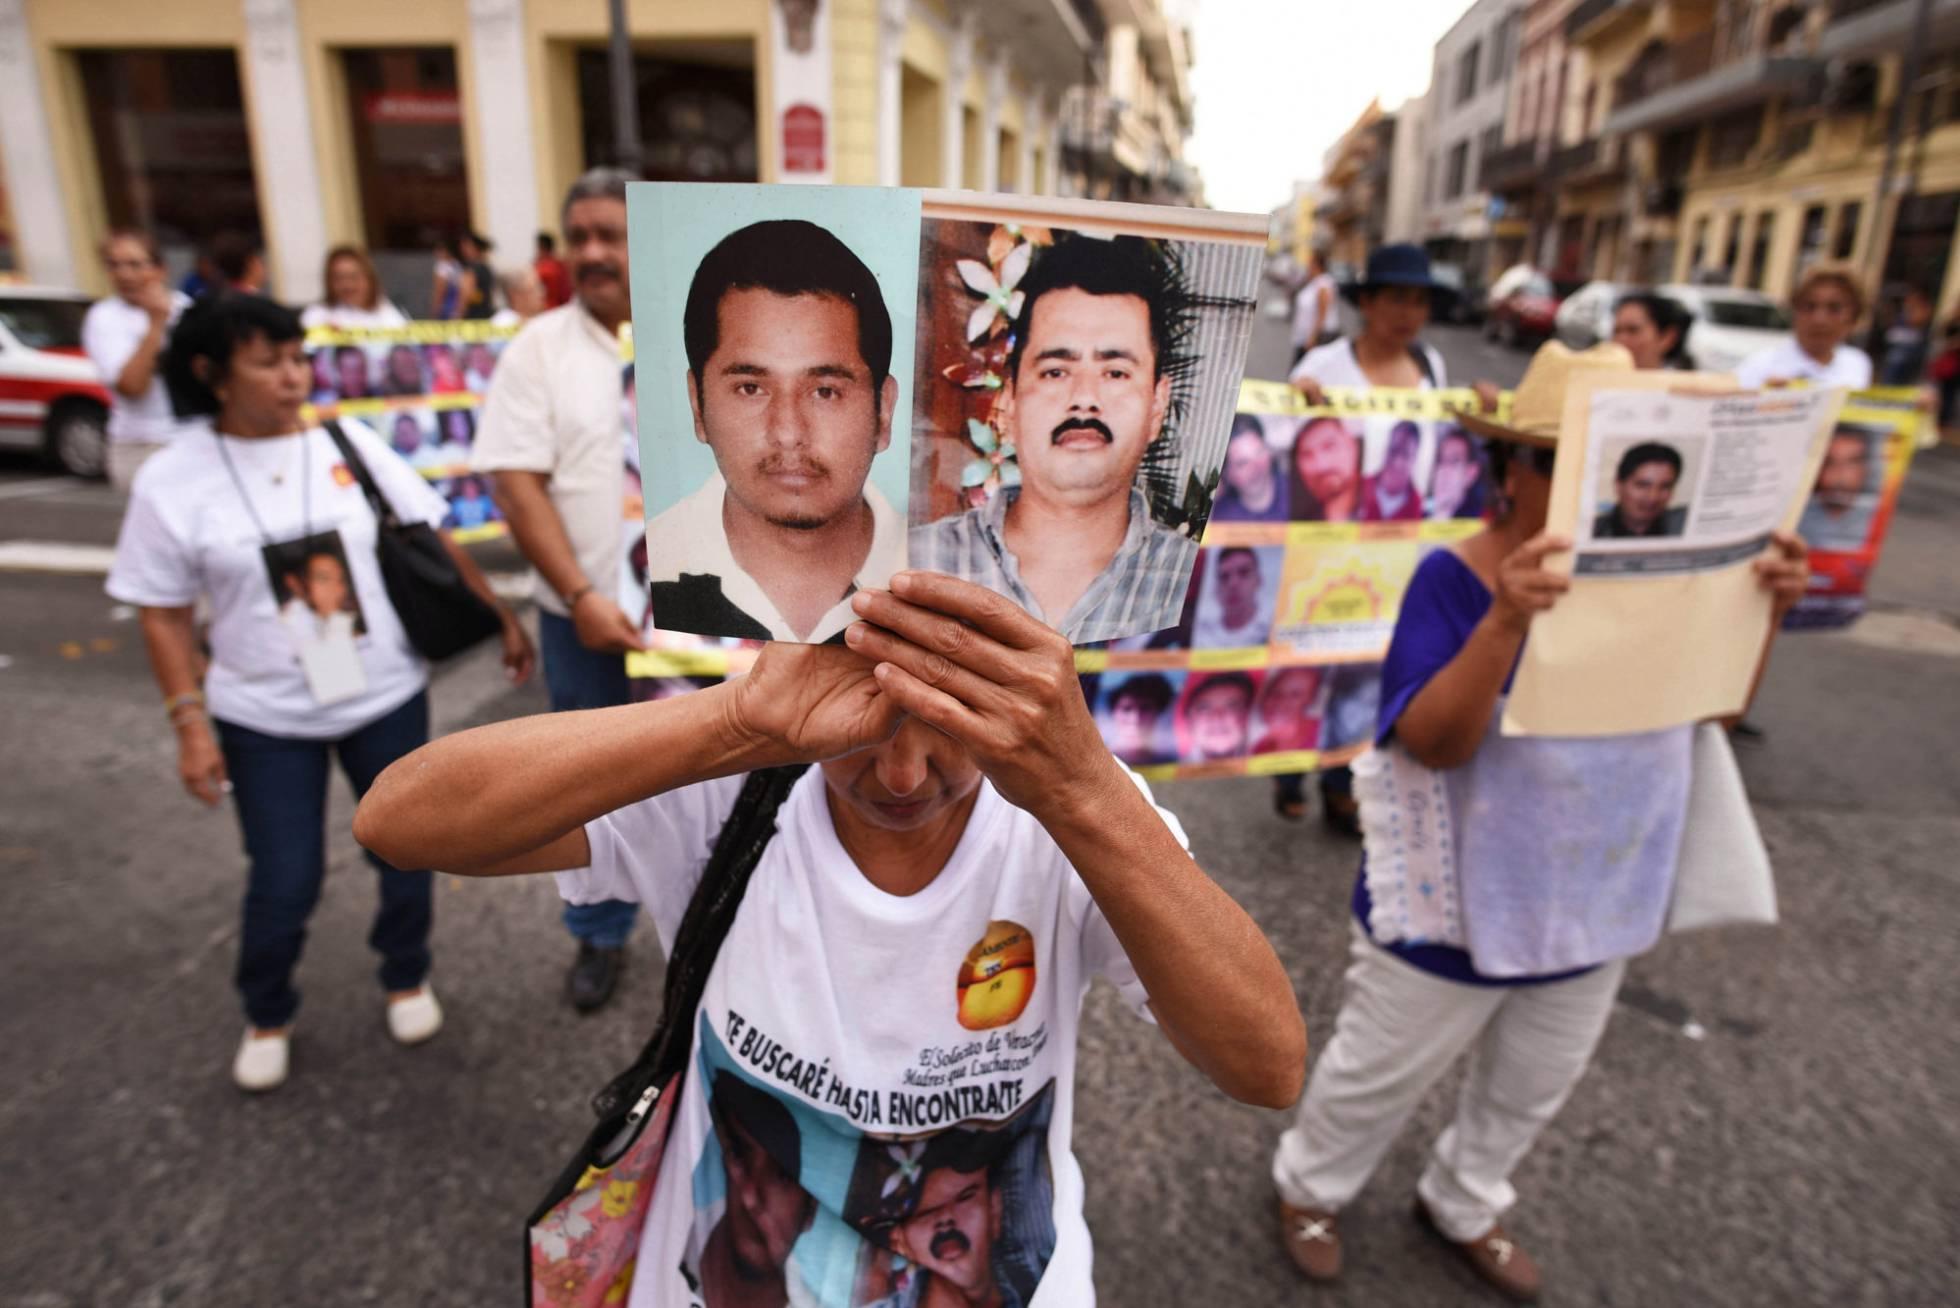 Juicio a los mandos policiales en Veracruz | Alberto J. Olvera en El País